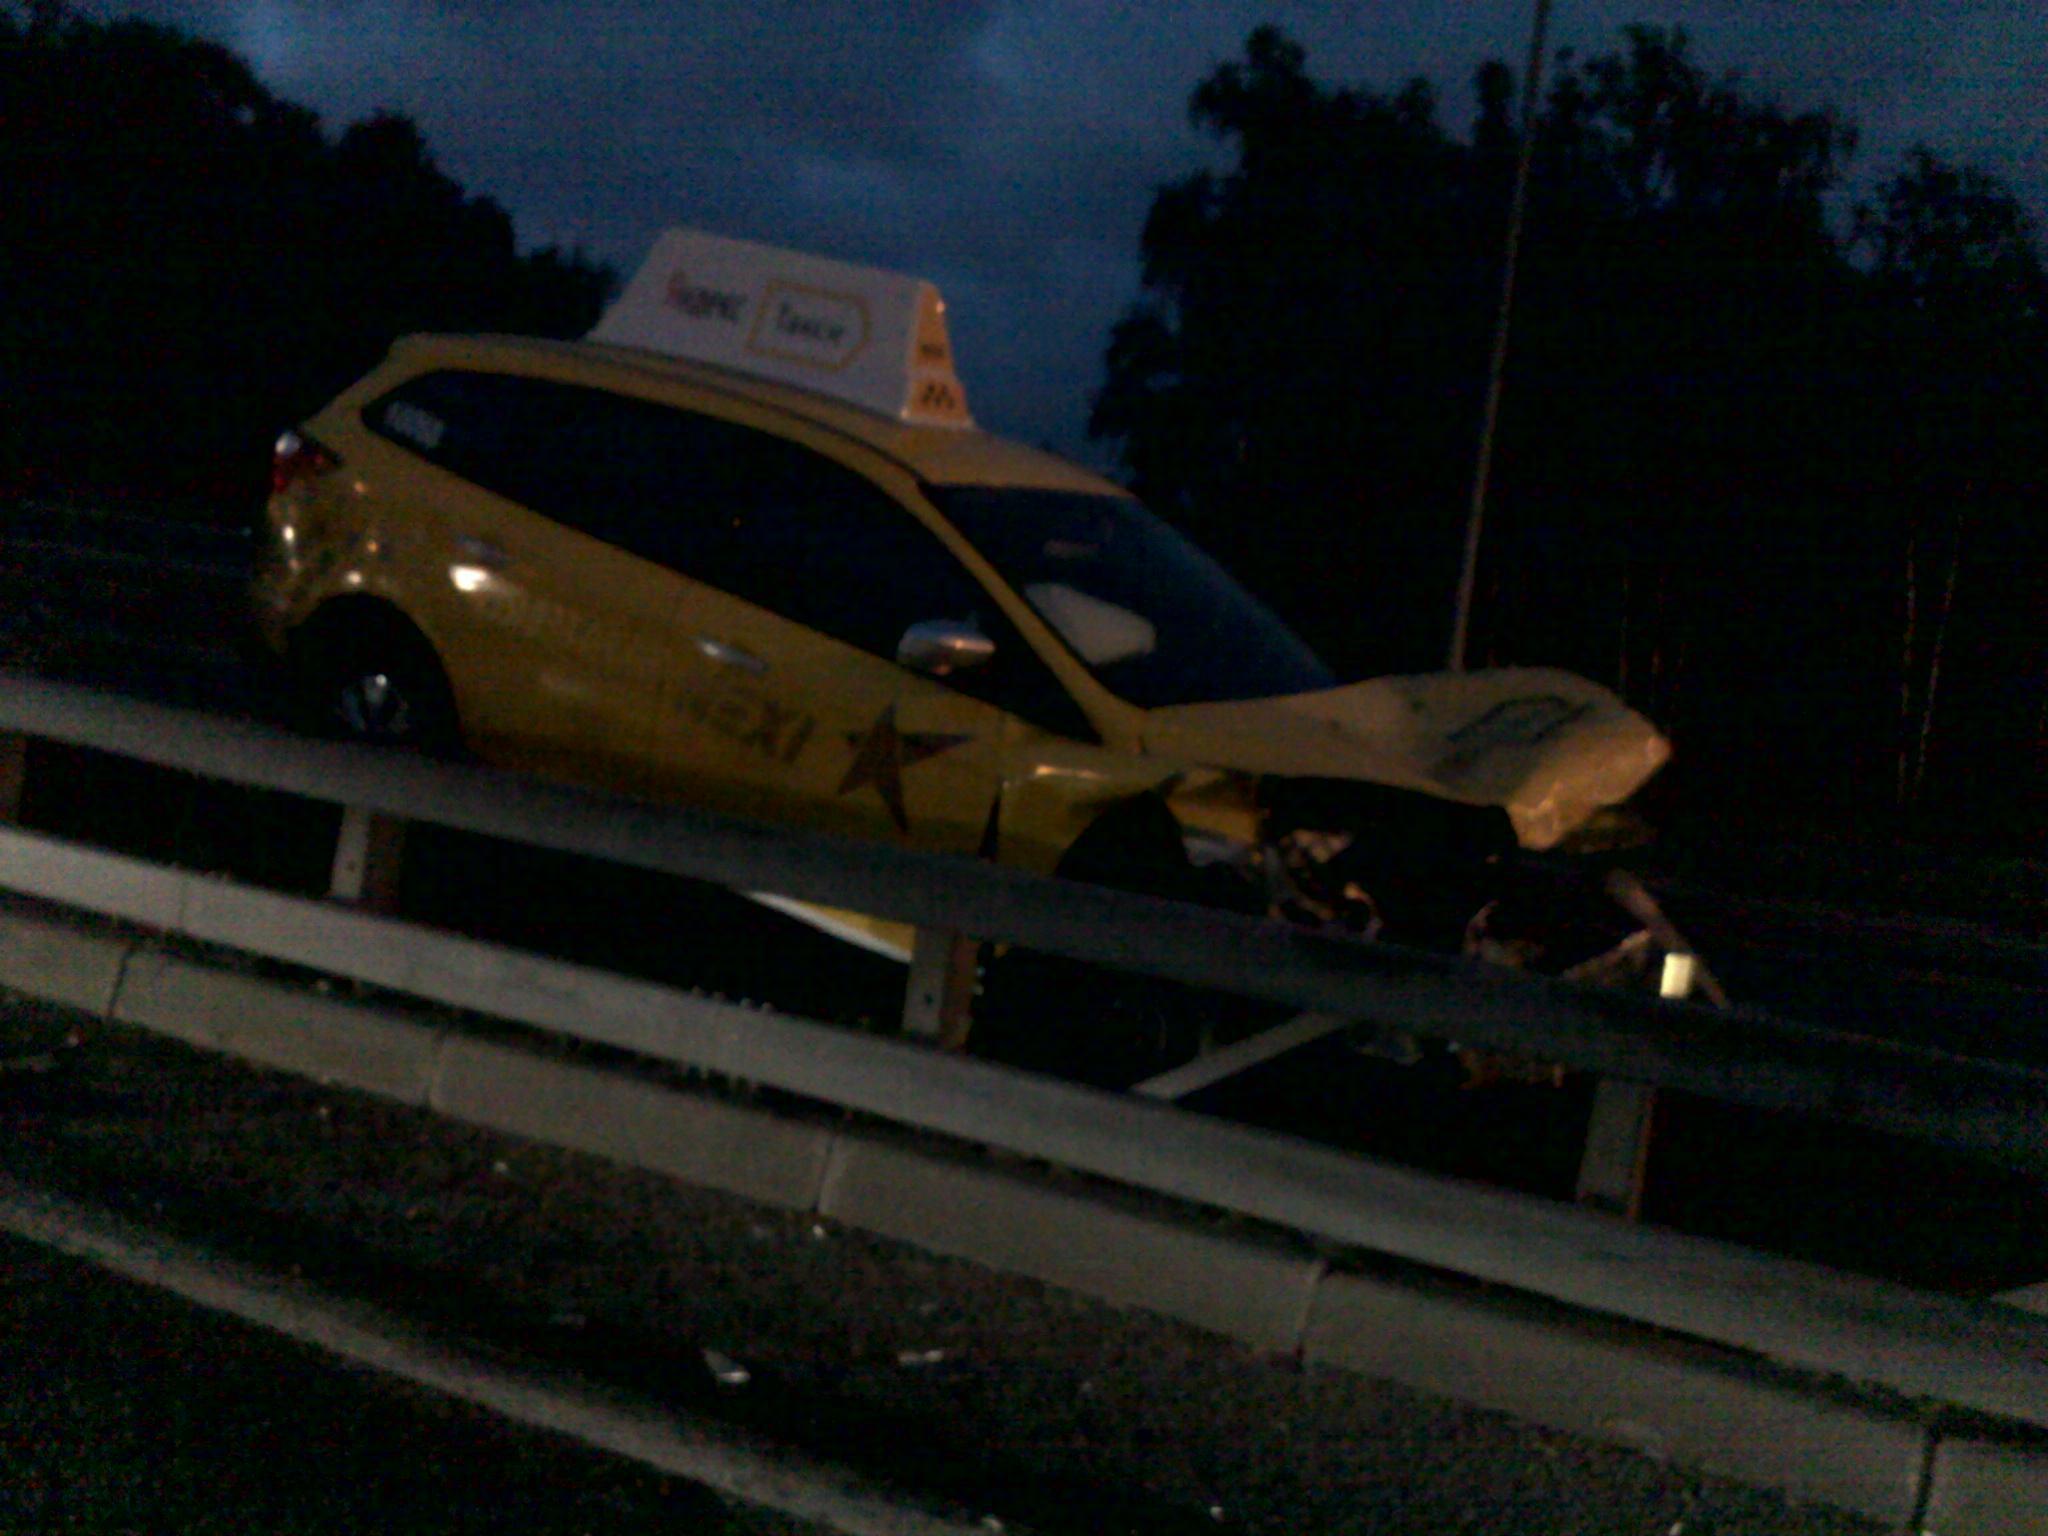 Фото результата дорожного транспортного происшествия в публикации в защиту прав потребителей услуг такси.